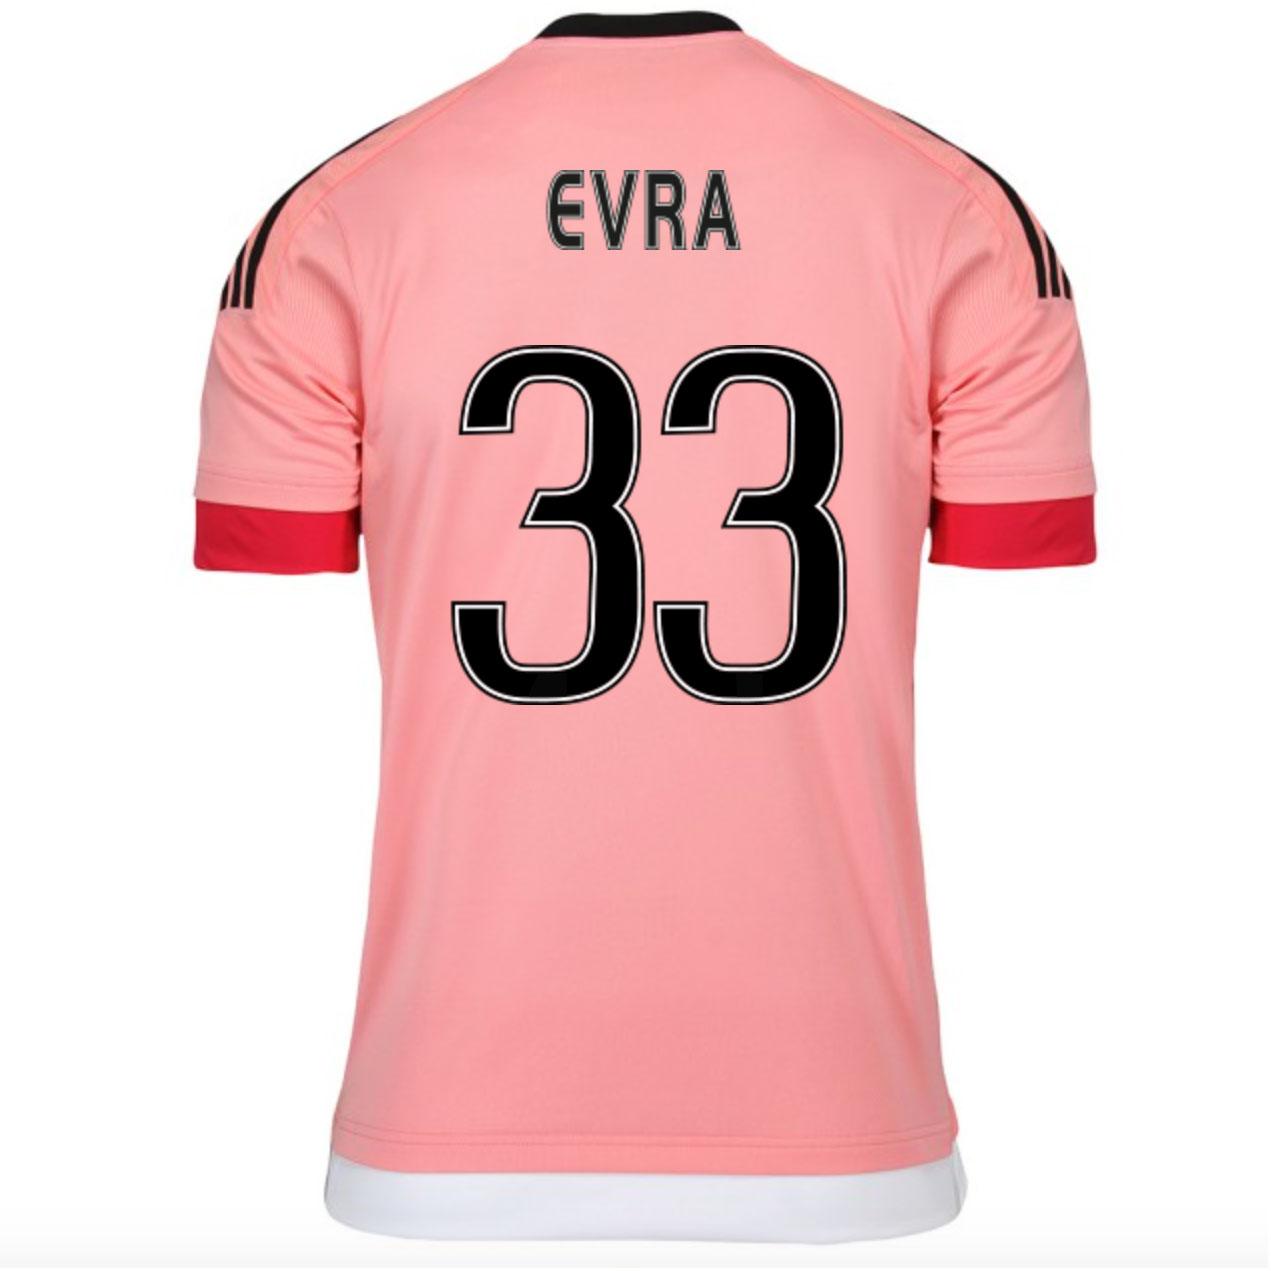 2015-16 Juventus Away Shirt (Evra 33) - Kids